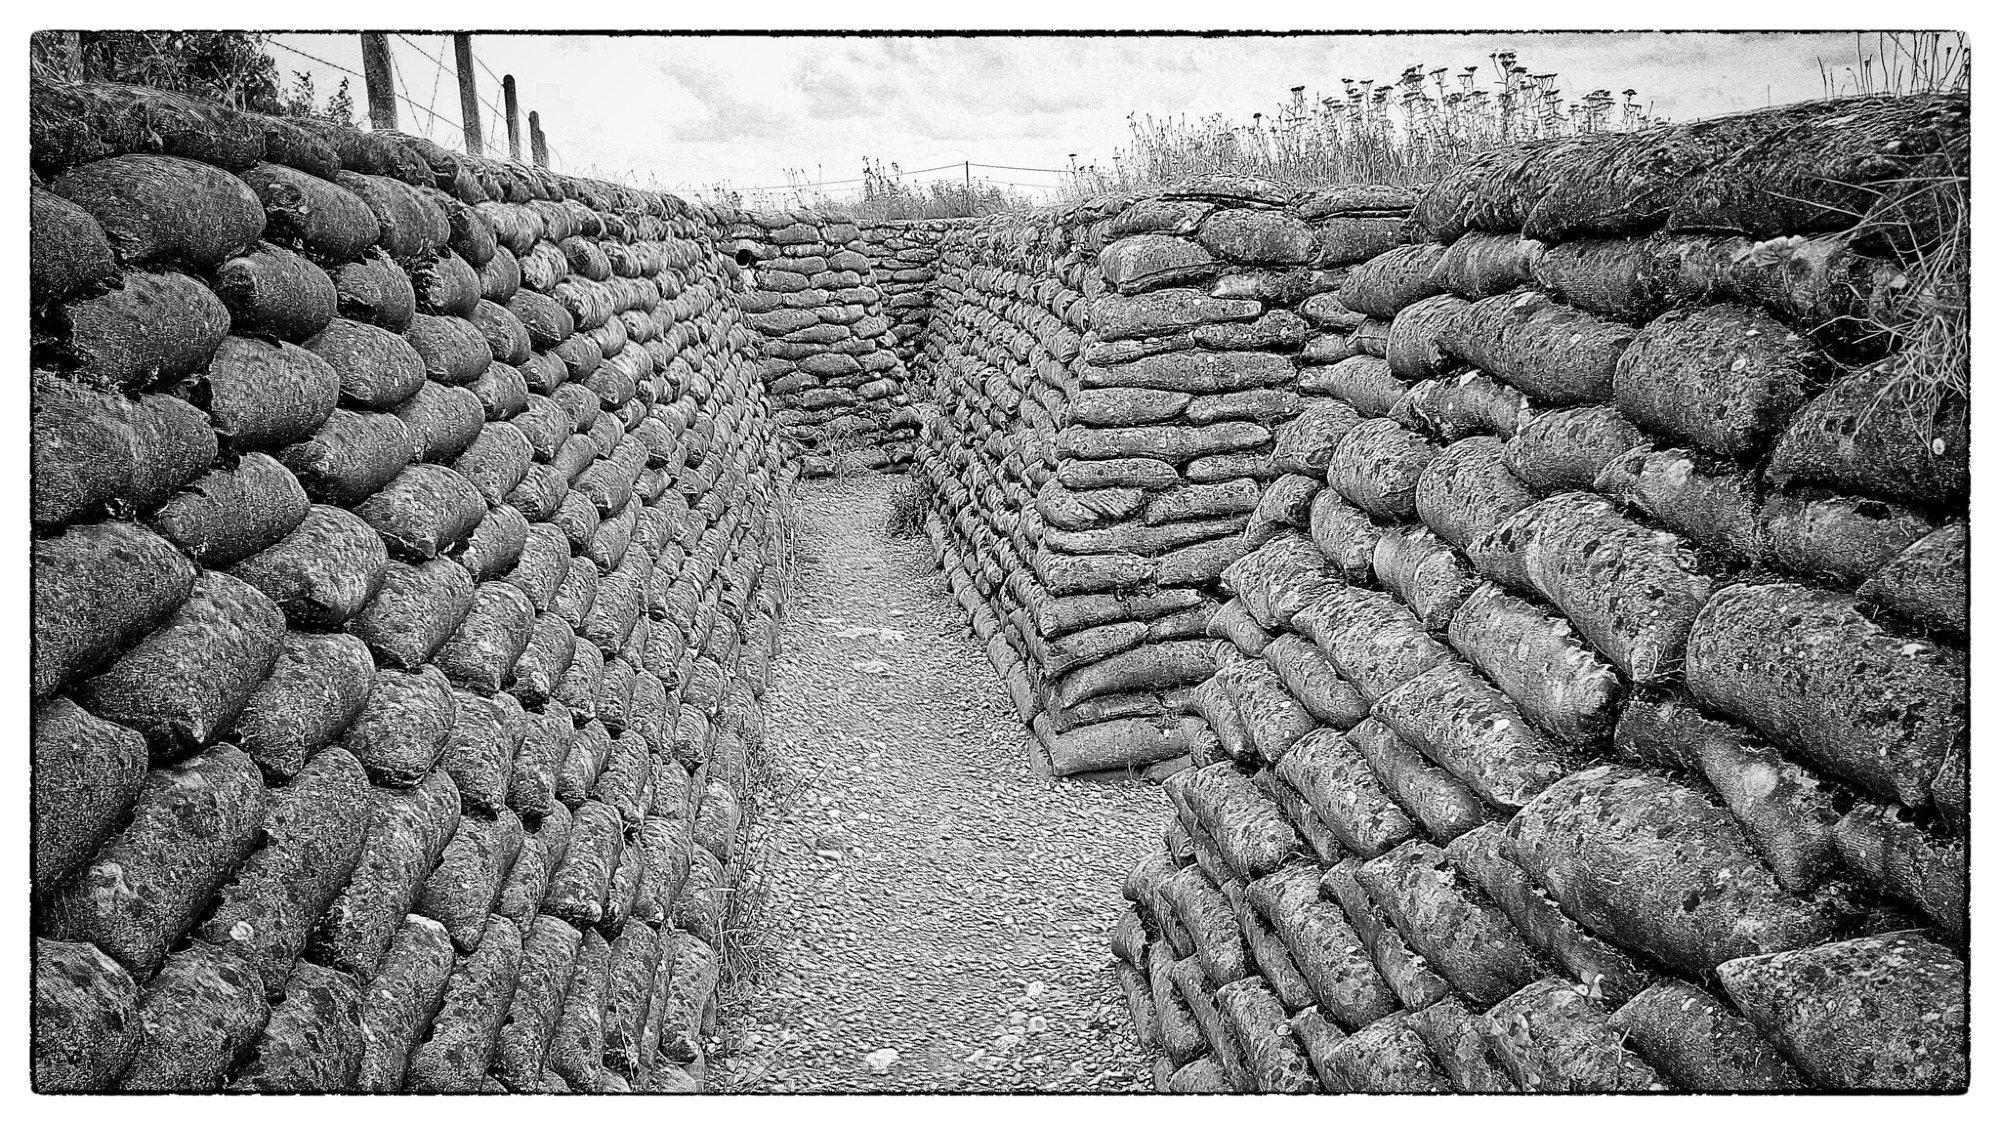 Fotografía de una trinchera de la primera guerra mundial